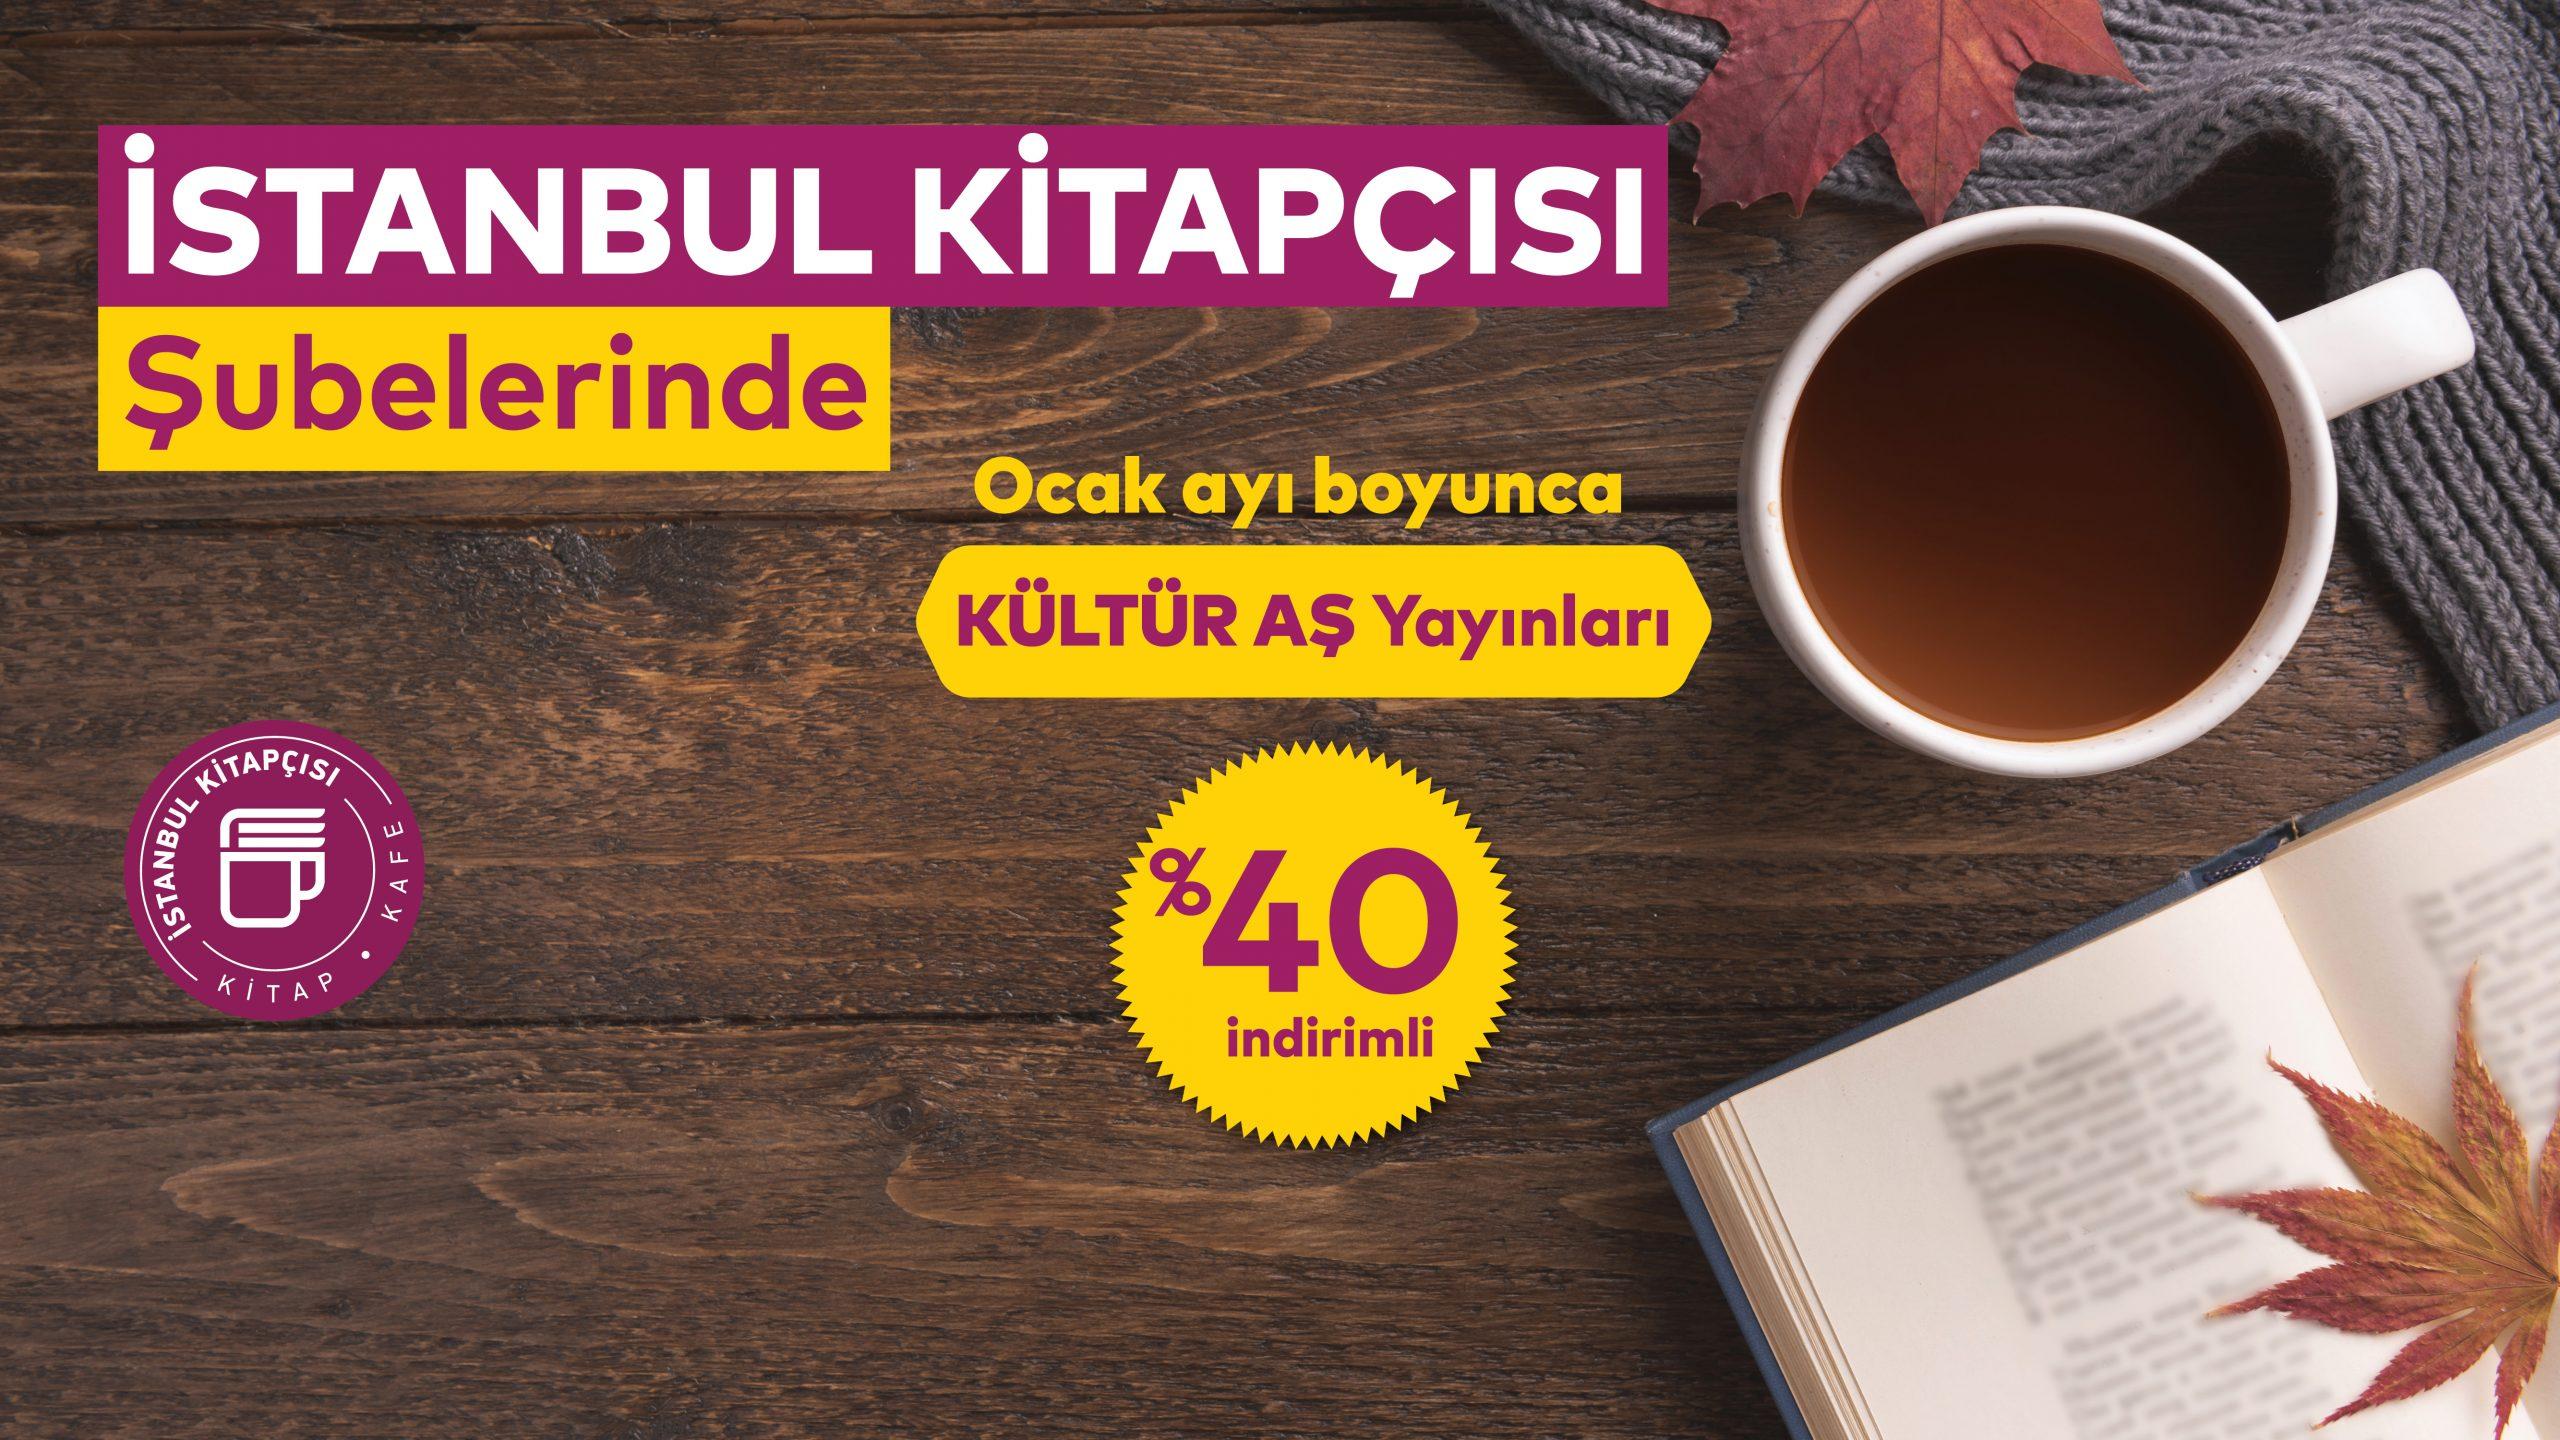 Kültür AŞ Yayınları, İstanbul Kitapçısı şubelerinde %40 indirimde!